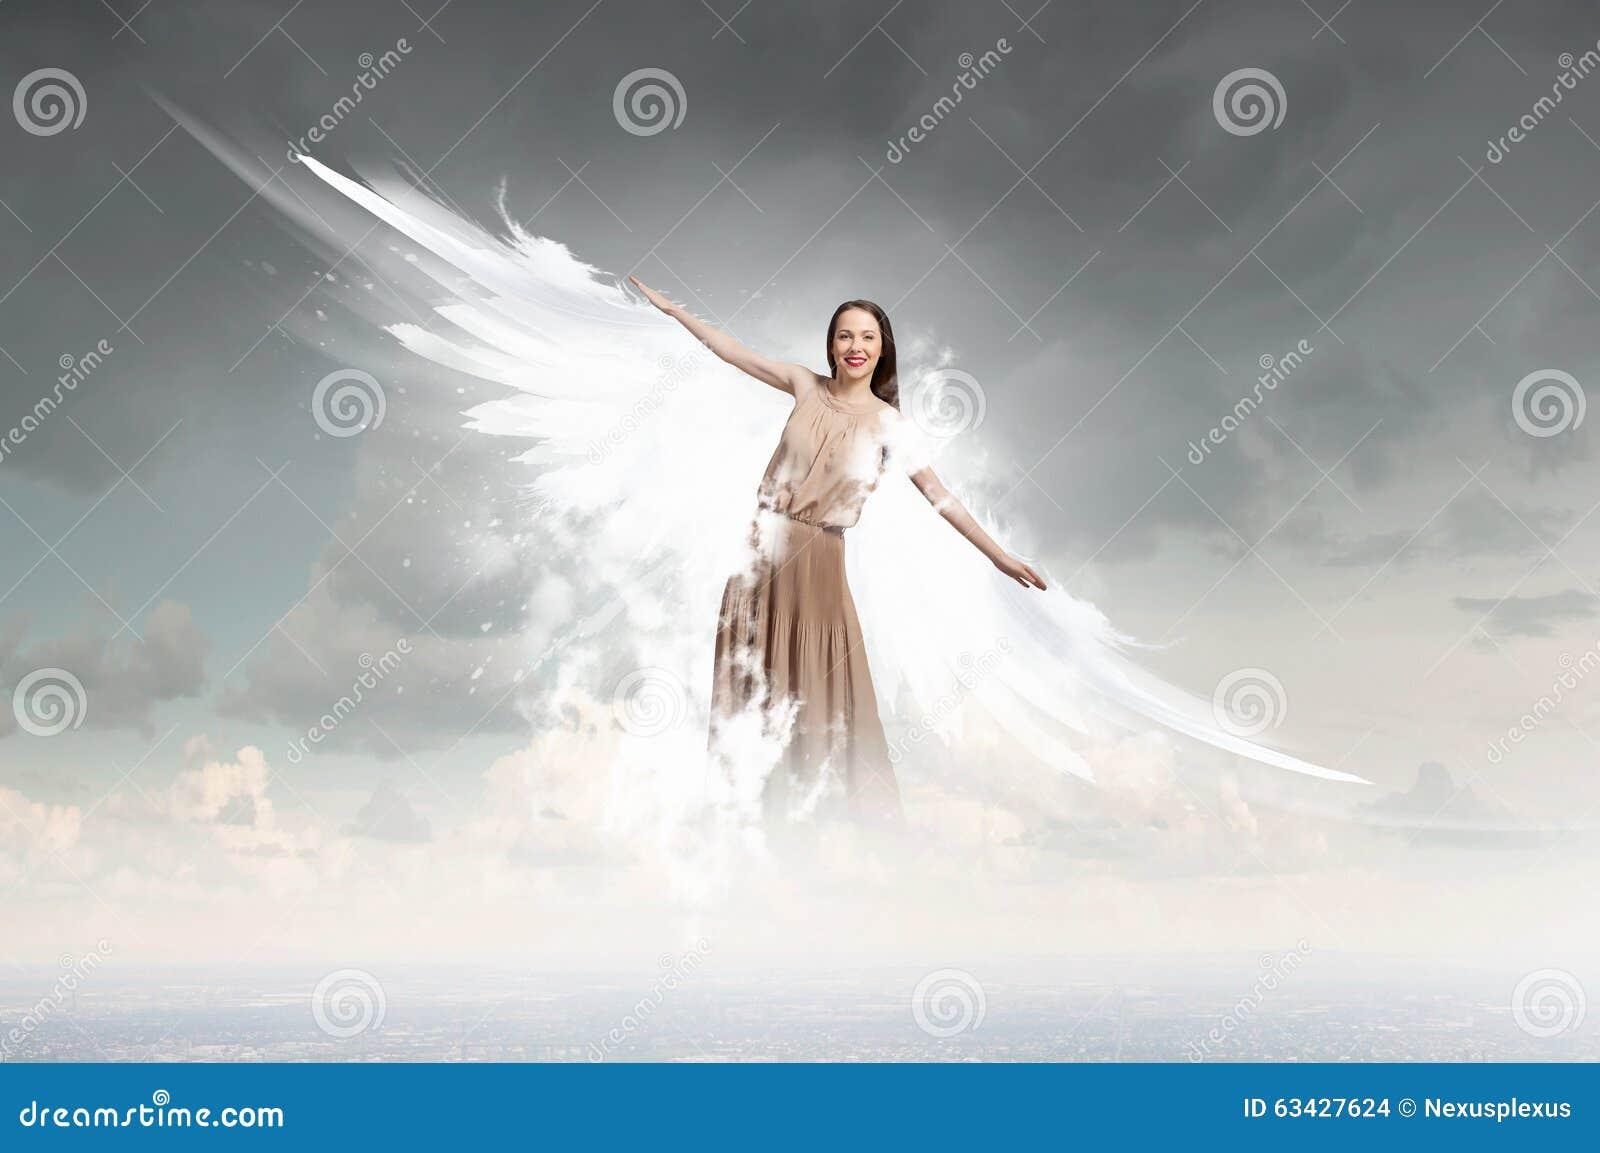 Angel Girl Flying High Stock Photo. Image Of Angelic ...